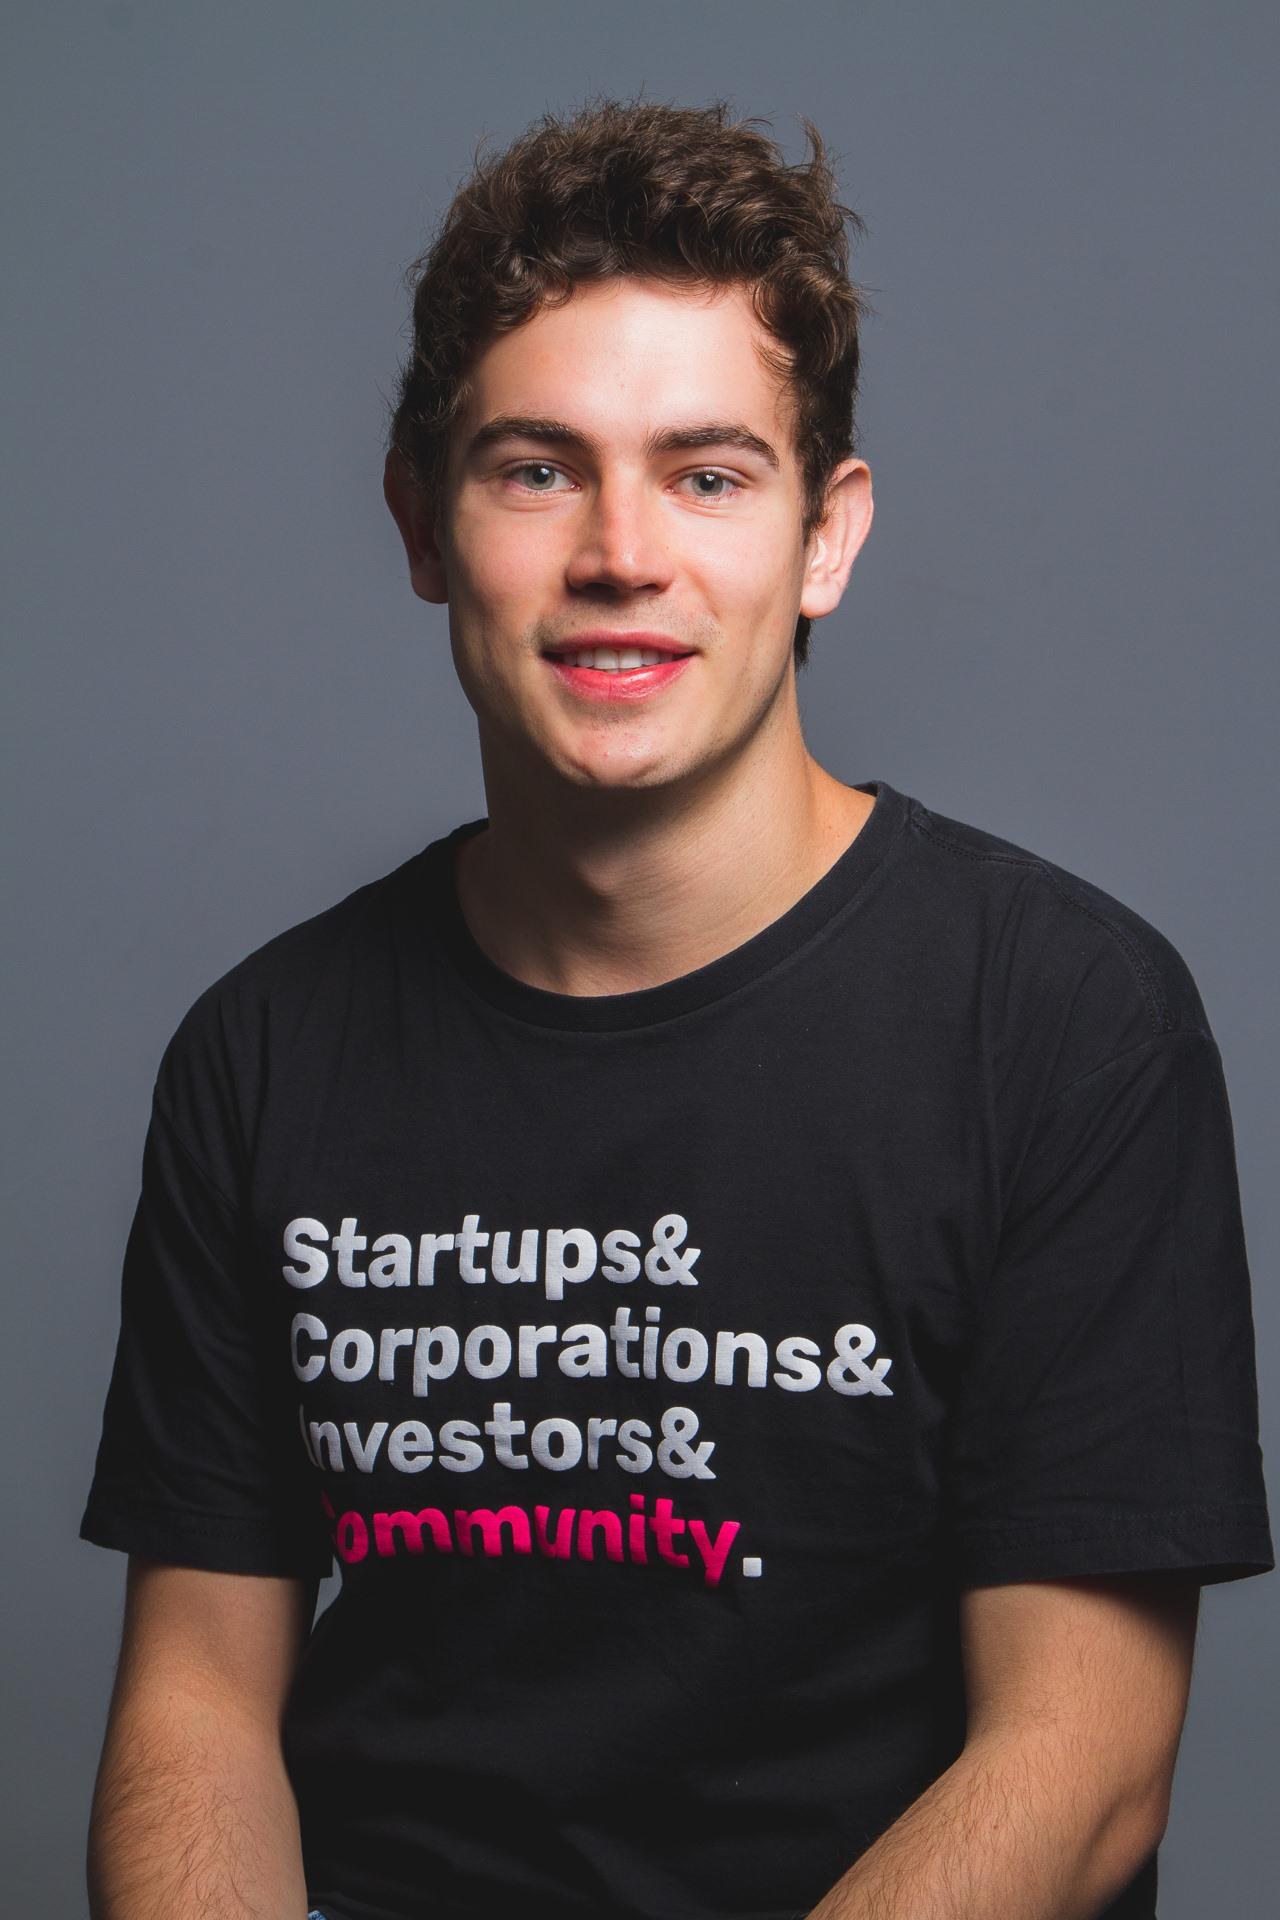 Amadurecimento de startups contribuiu para crescimento.